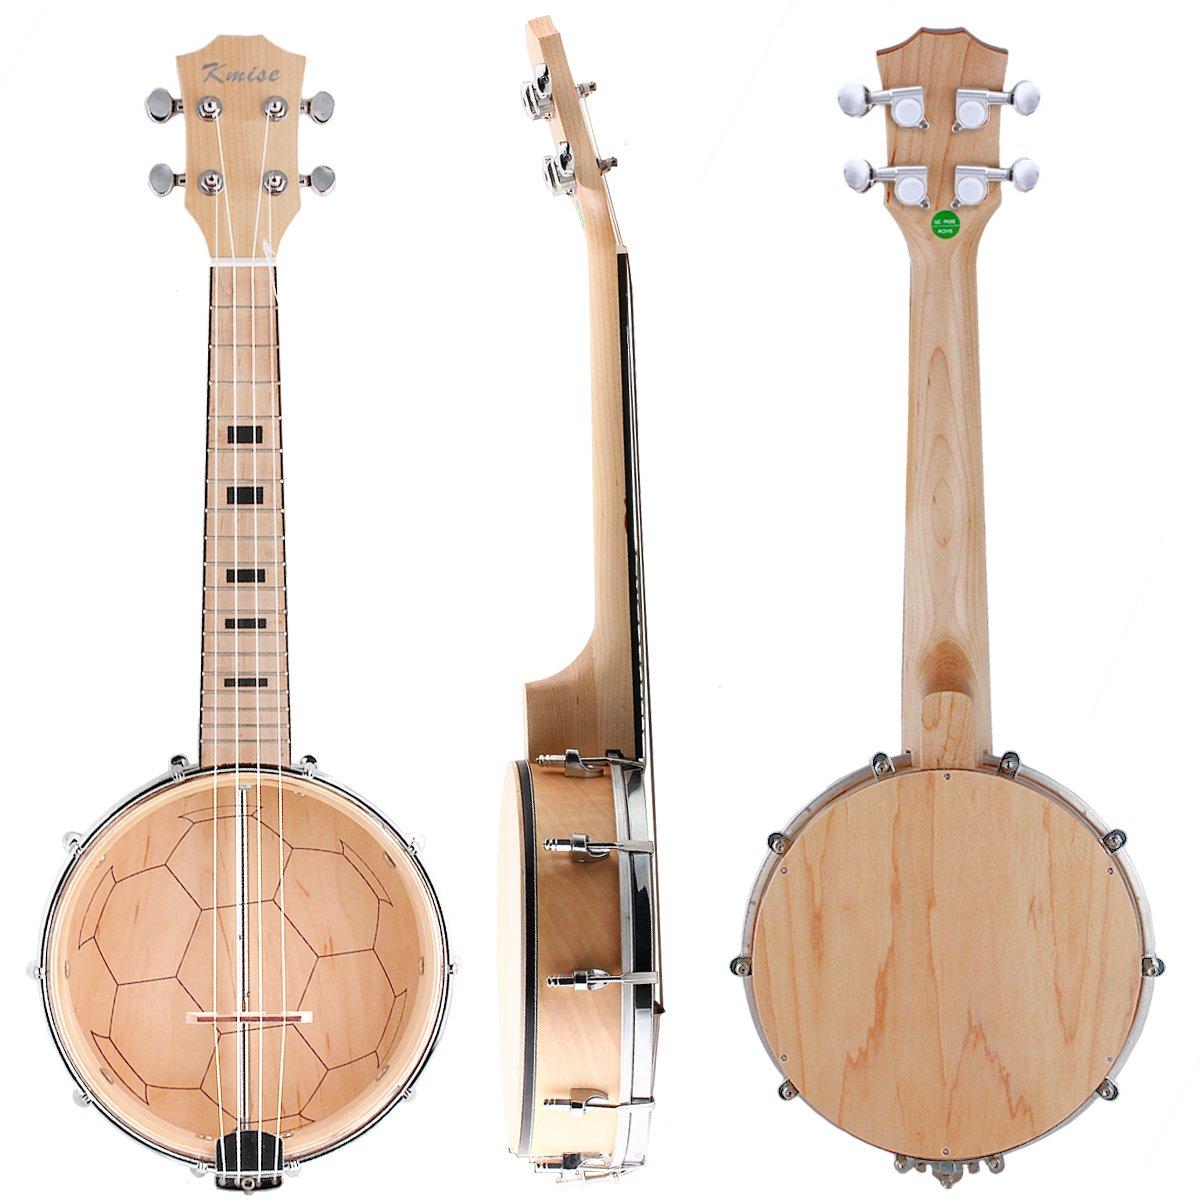 Kmise Banjo Ukulele 4 String Ukelele Uke Concert 23 Inch Size Maple Wood Ltd MI1876-KUS